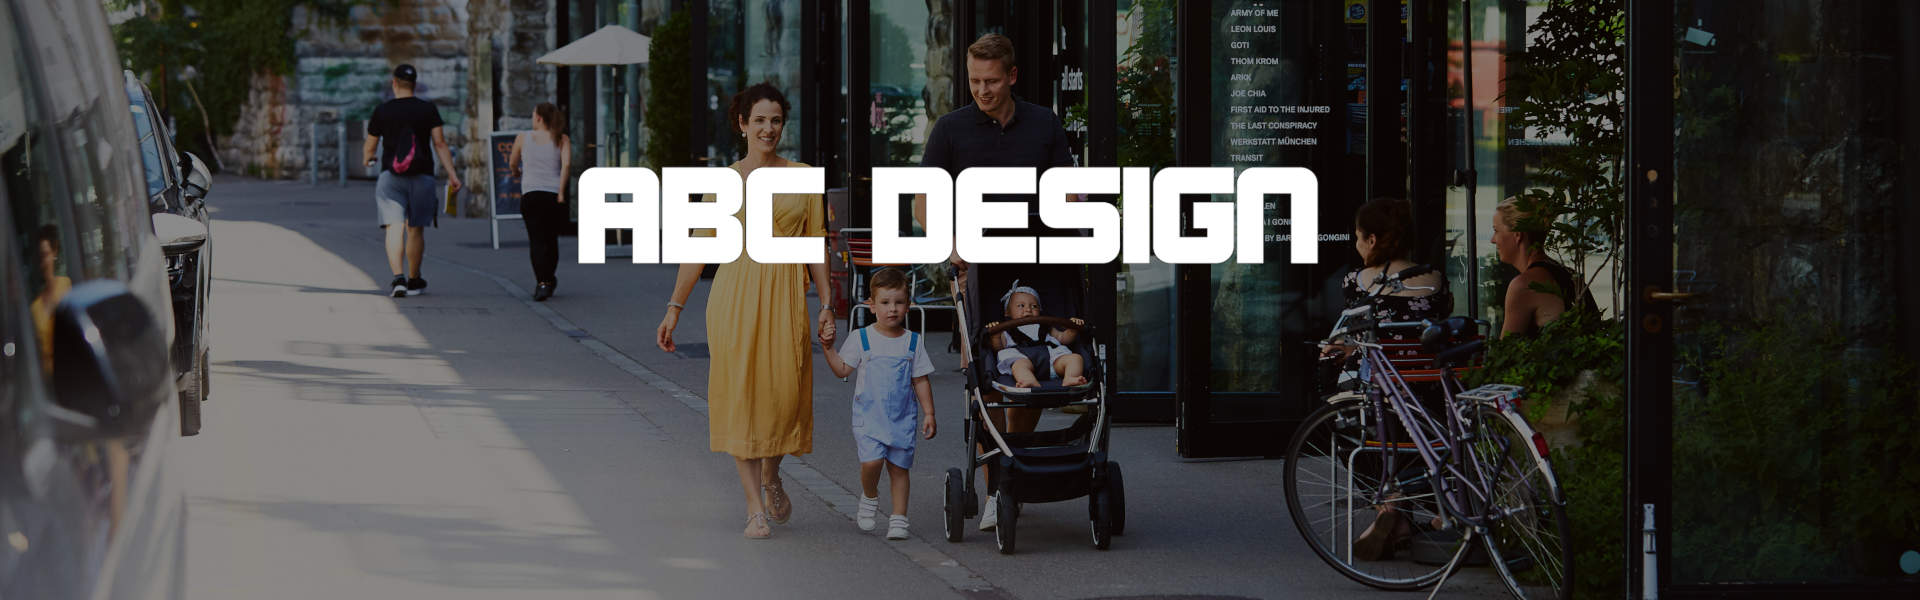 ABC-Kategorie-Banner